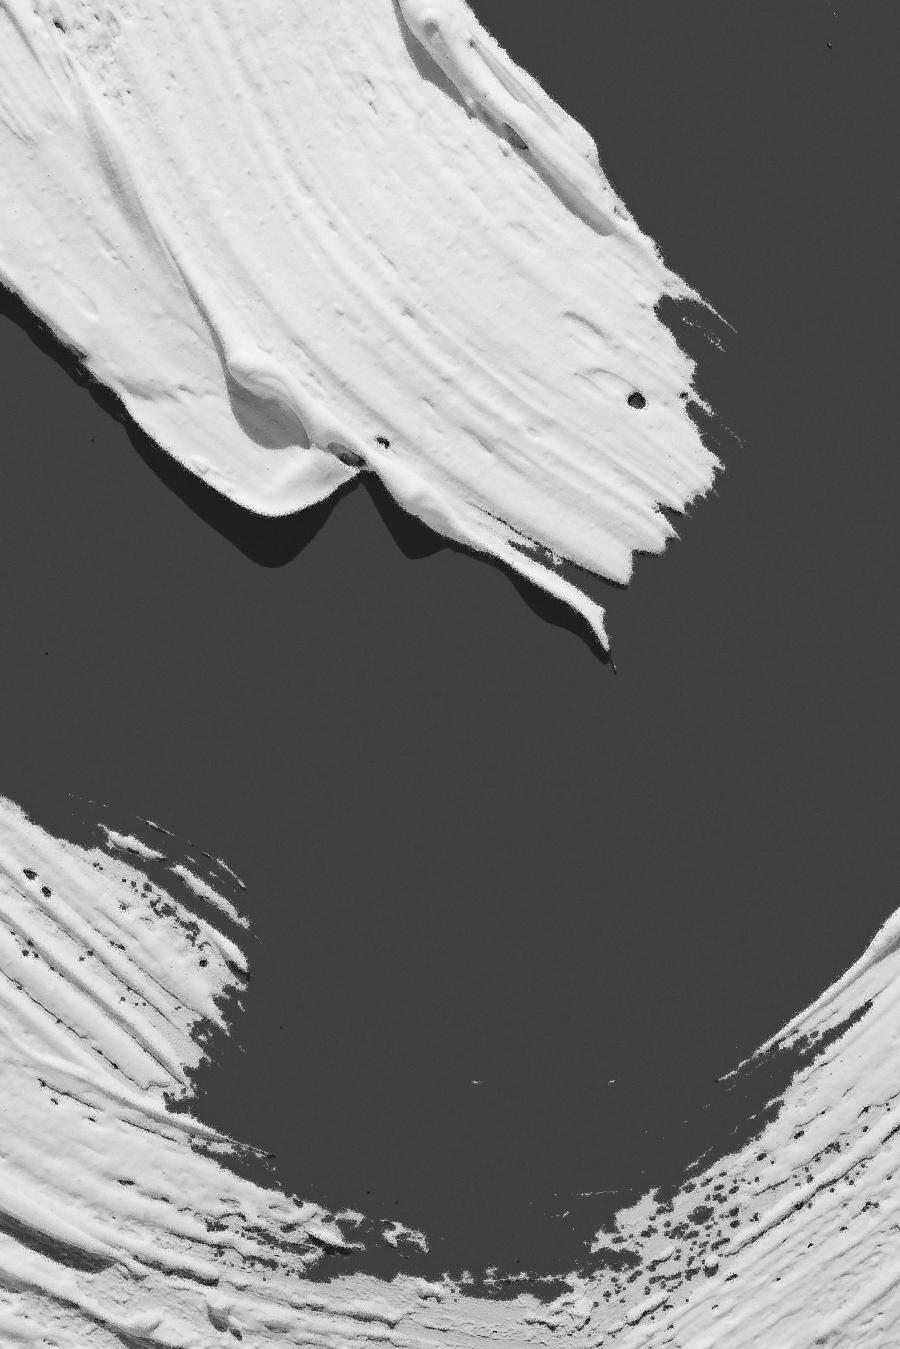 amelia-lawrence-photo-brush-inspiration-1.jpg